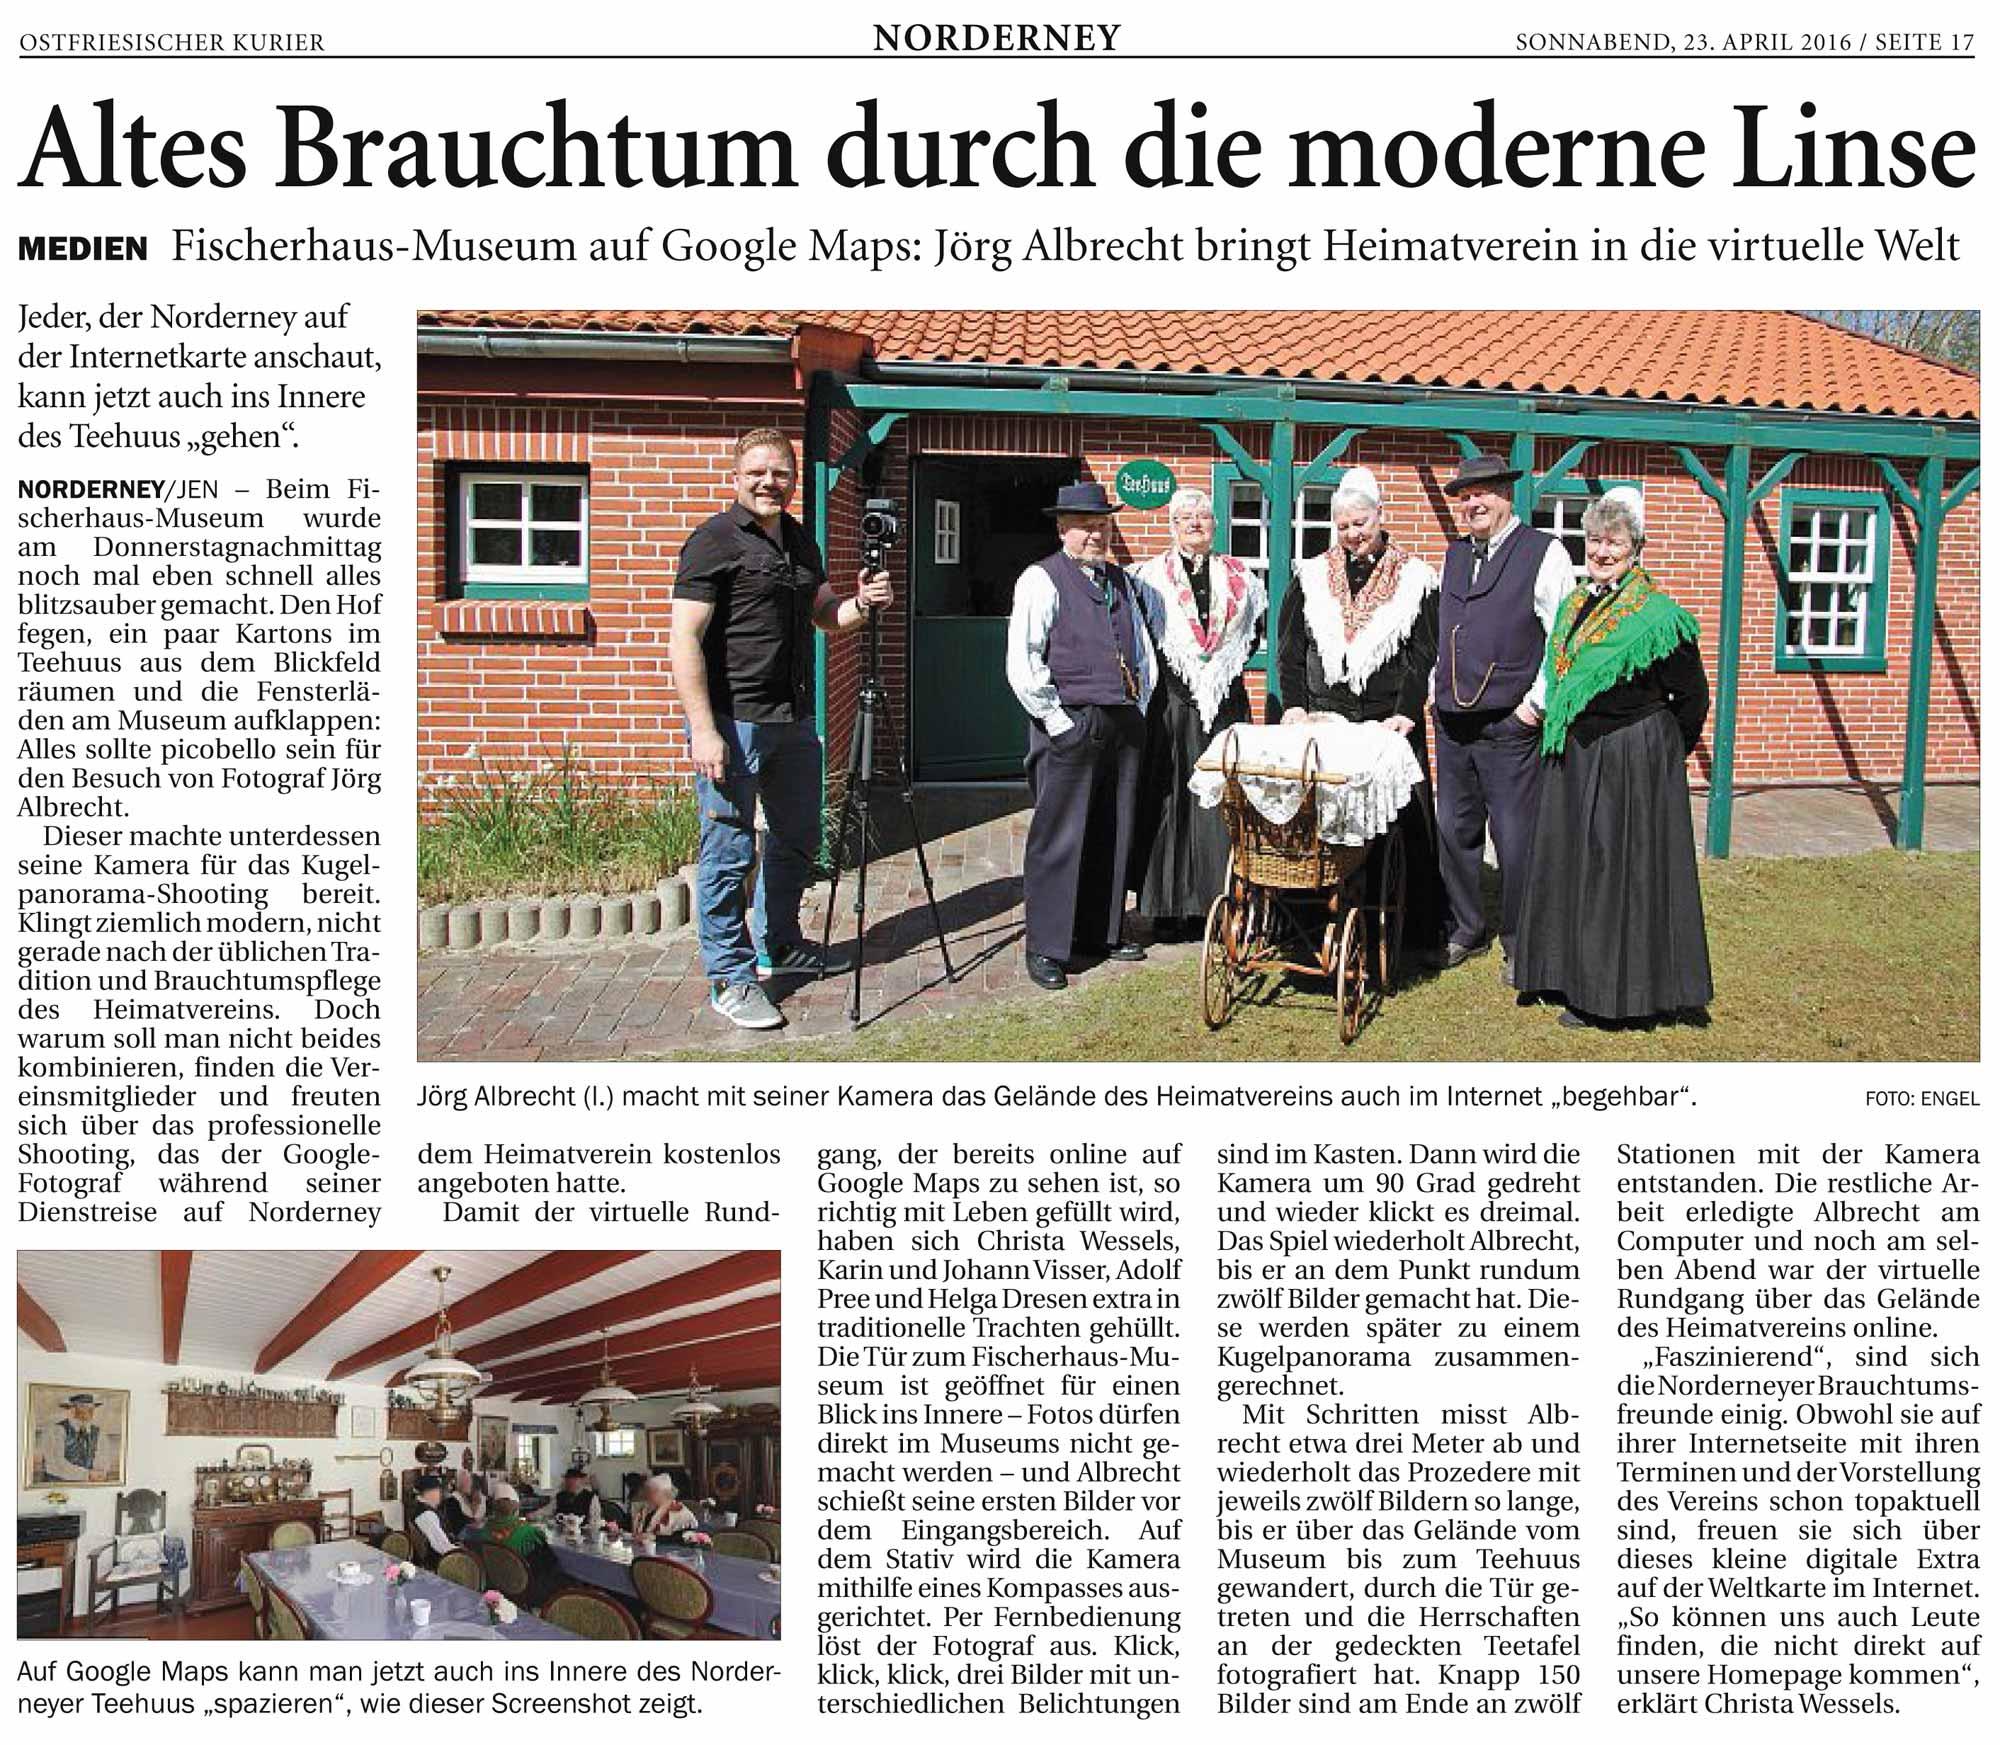 """Ostfriesischer Kurier: """"Altes Brauchtum durch die moderne Linse"""""""